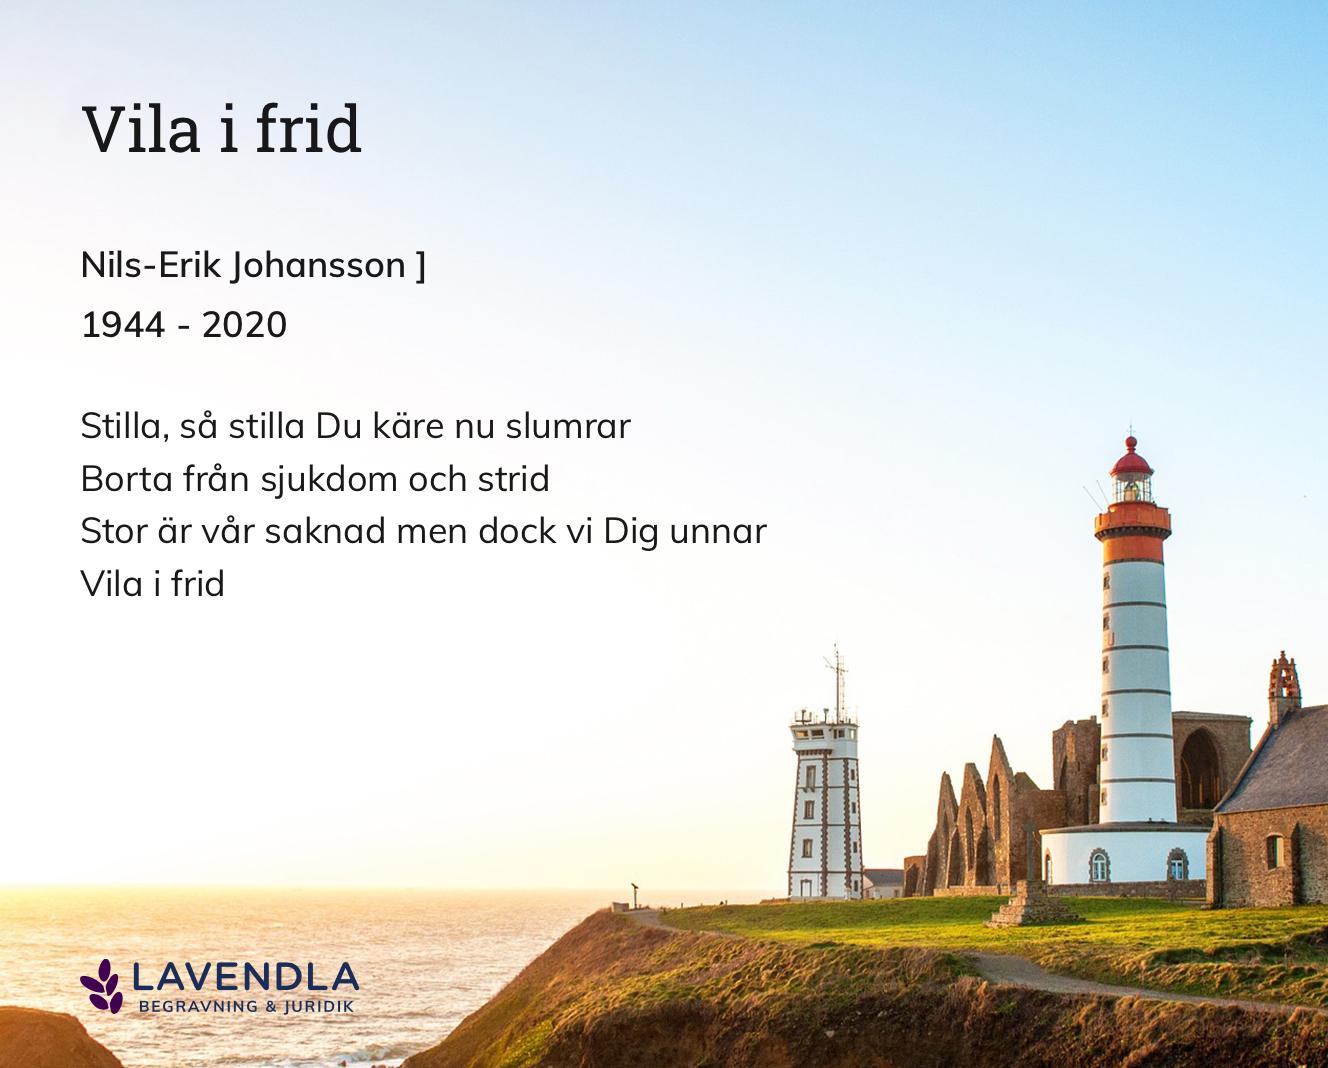 Inbjudningskort till ceremonin för Nils-Erik Johansson ]